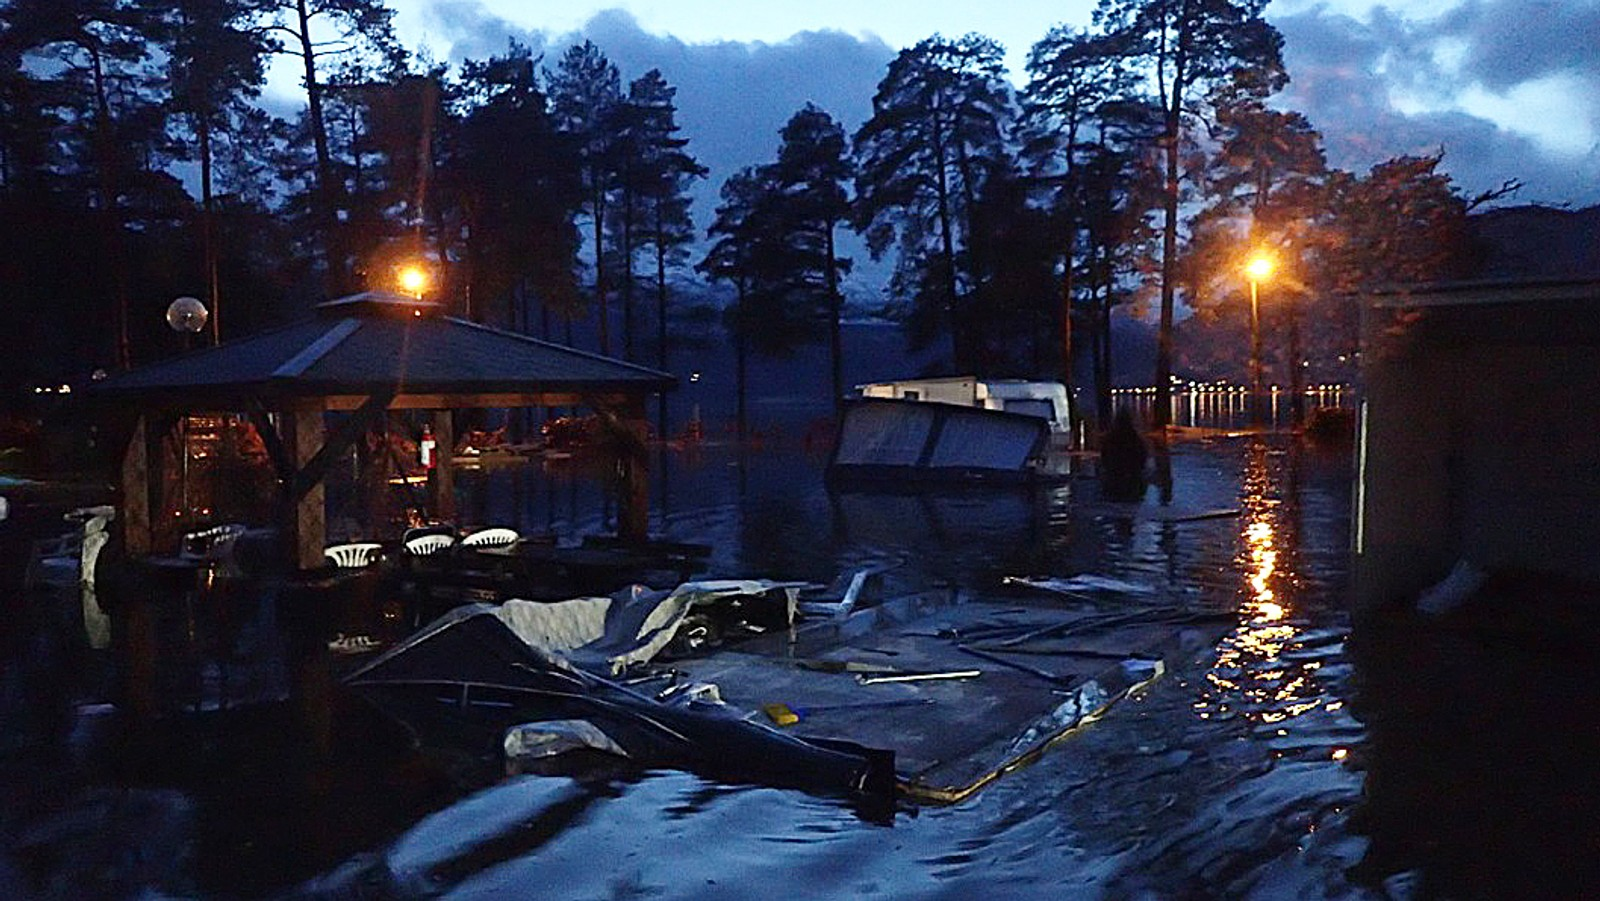 Flaumen råka også ein campingplass på Voss.